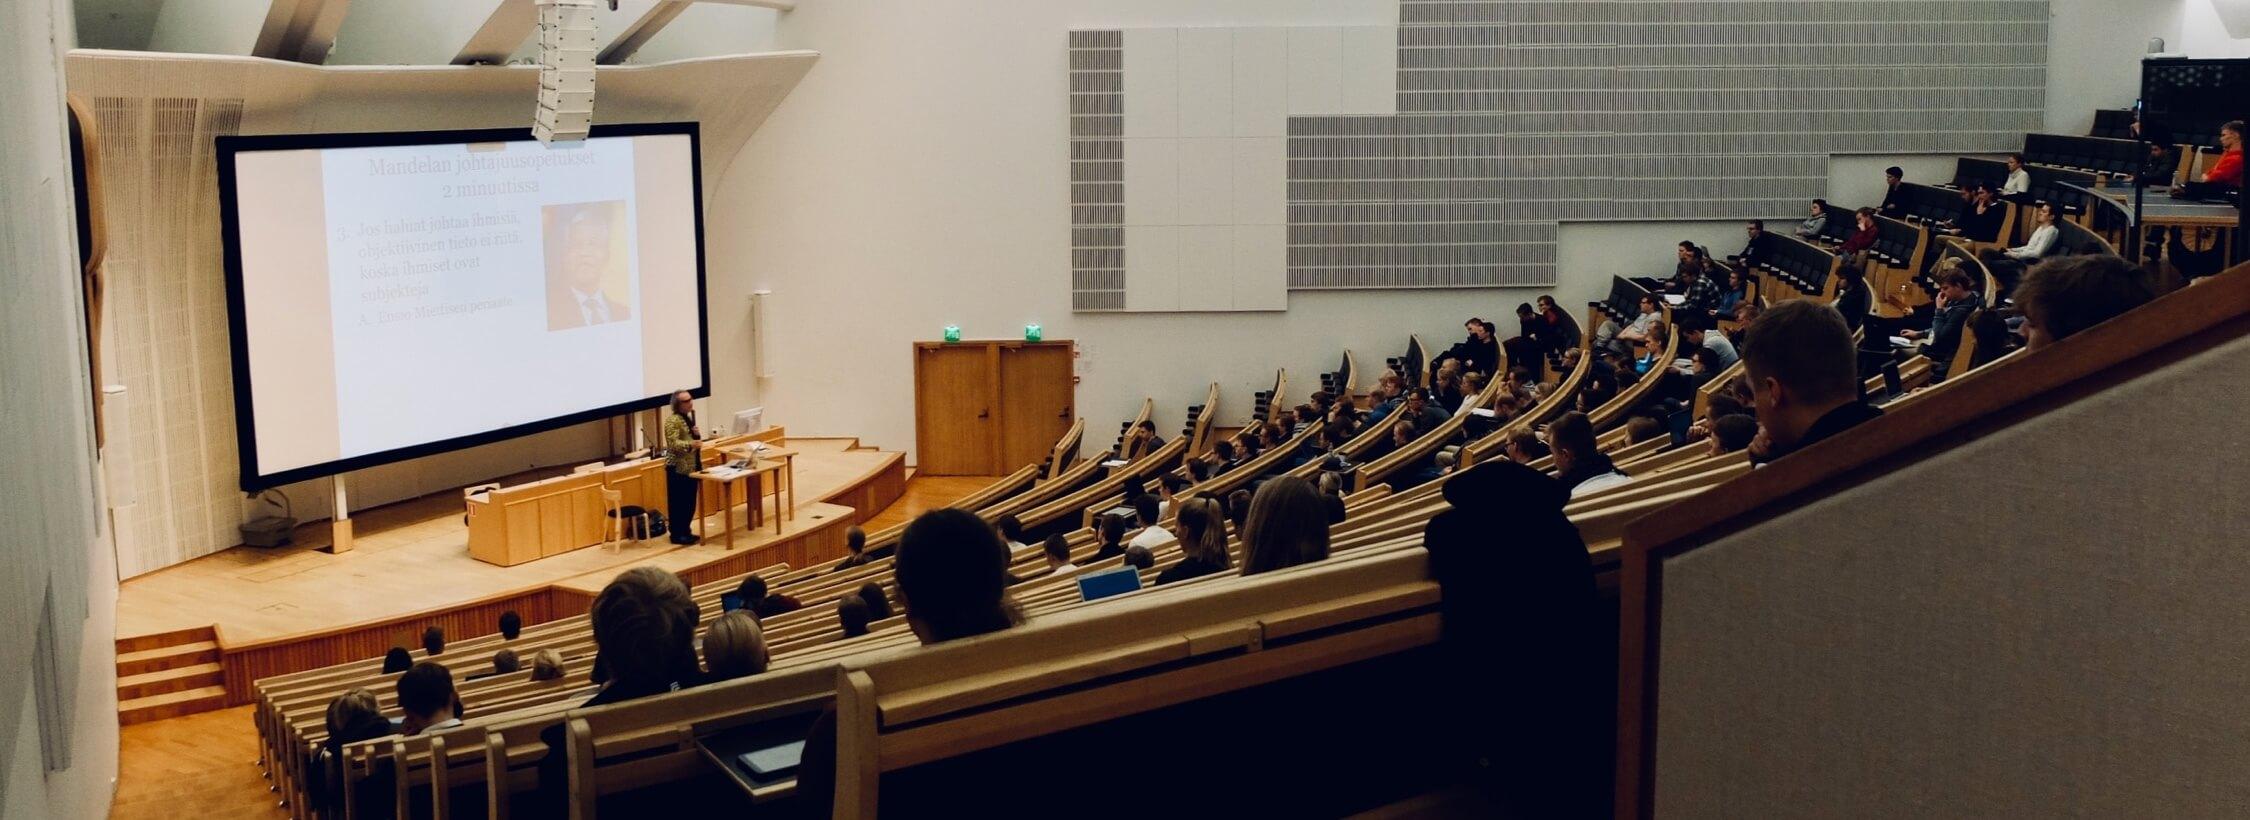 Großer Vorlesungssaal mit Vorlesung und besetzten Stühlen.